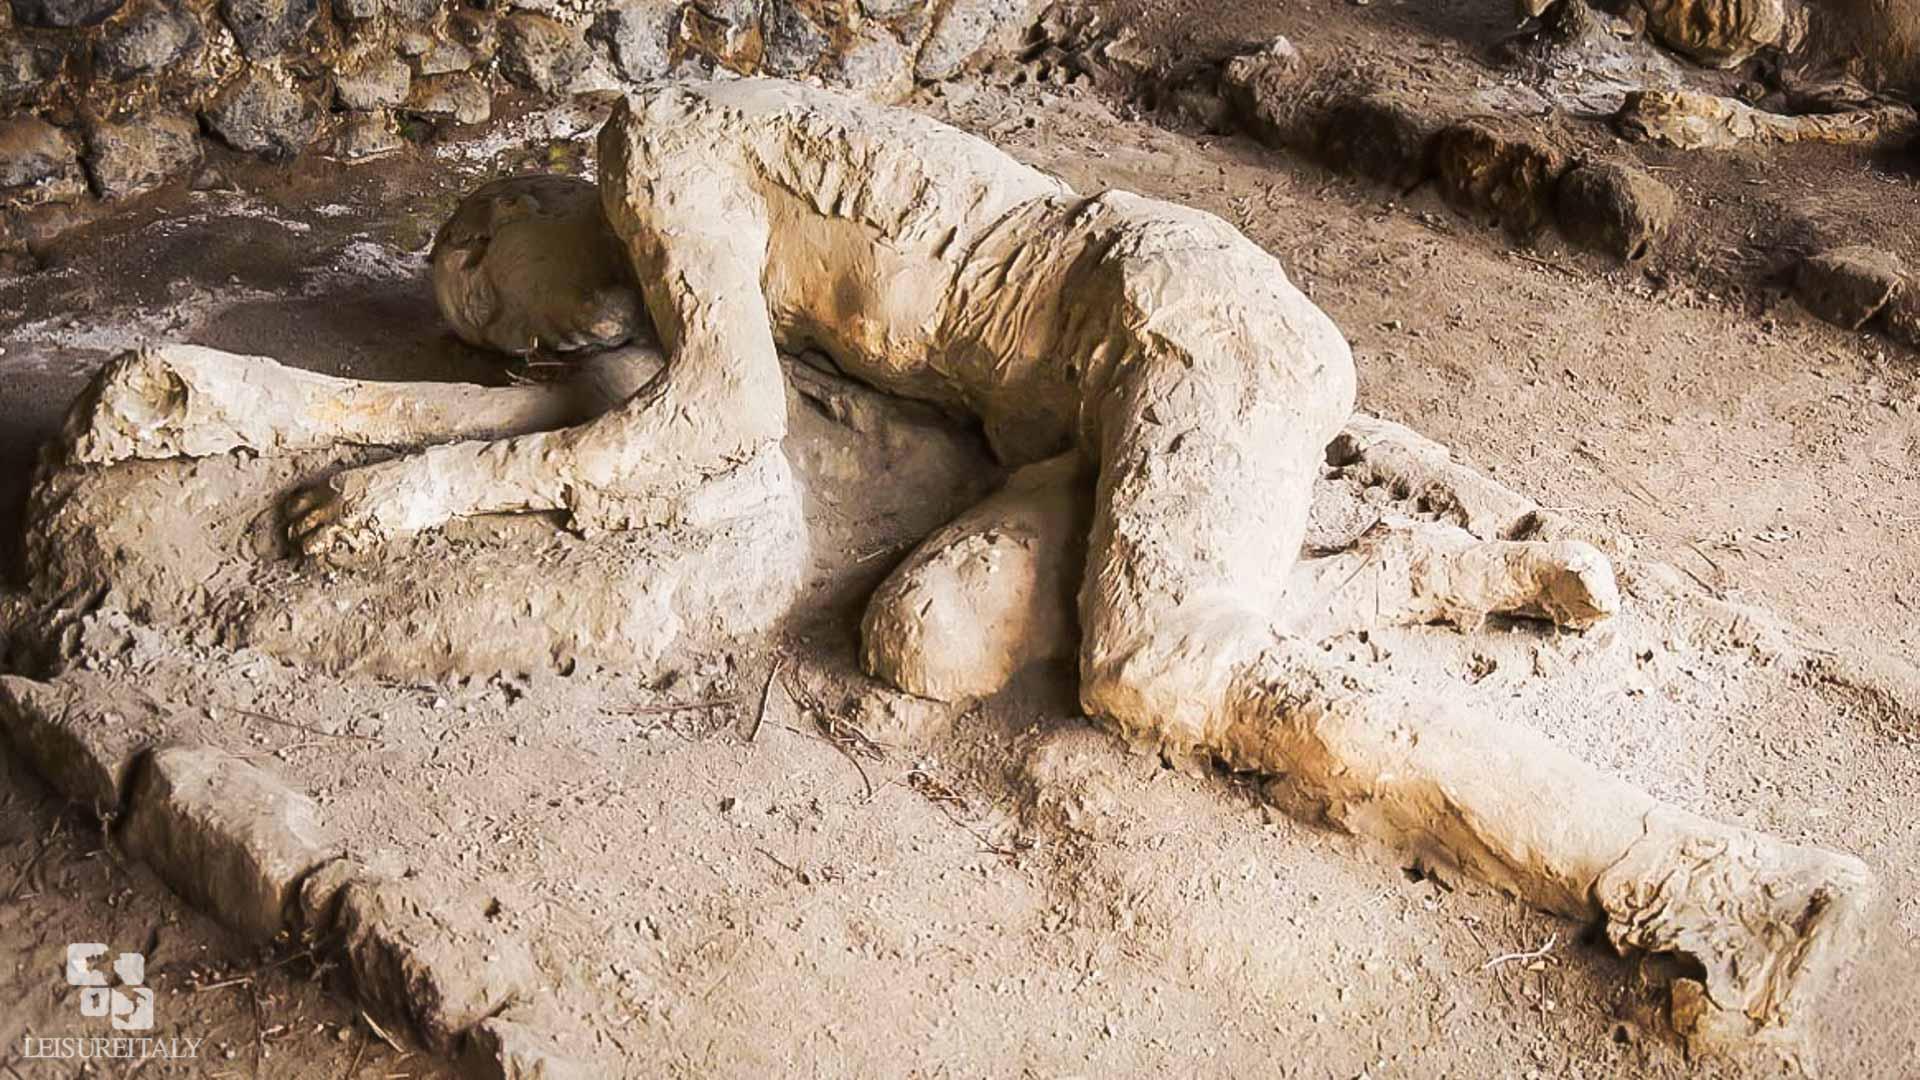 Pompeii or Herculaneum - A plaster cast at Pompeii